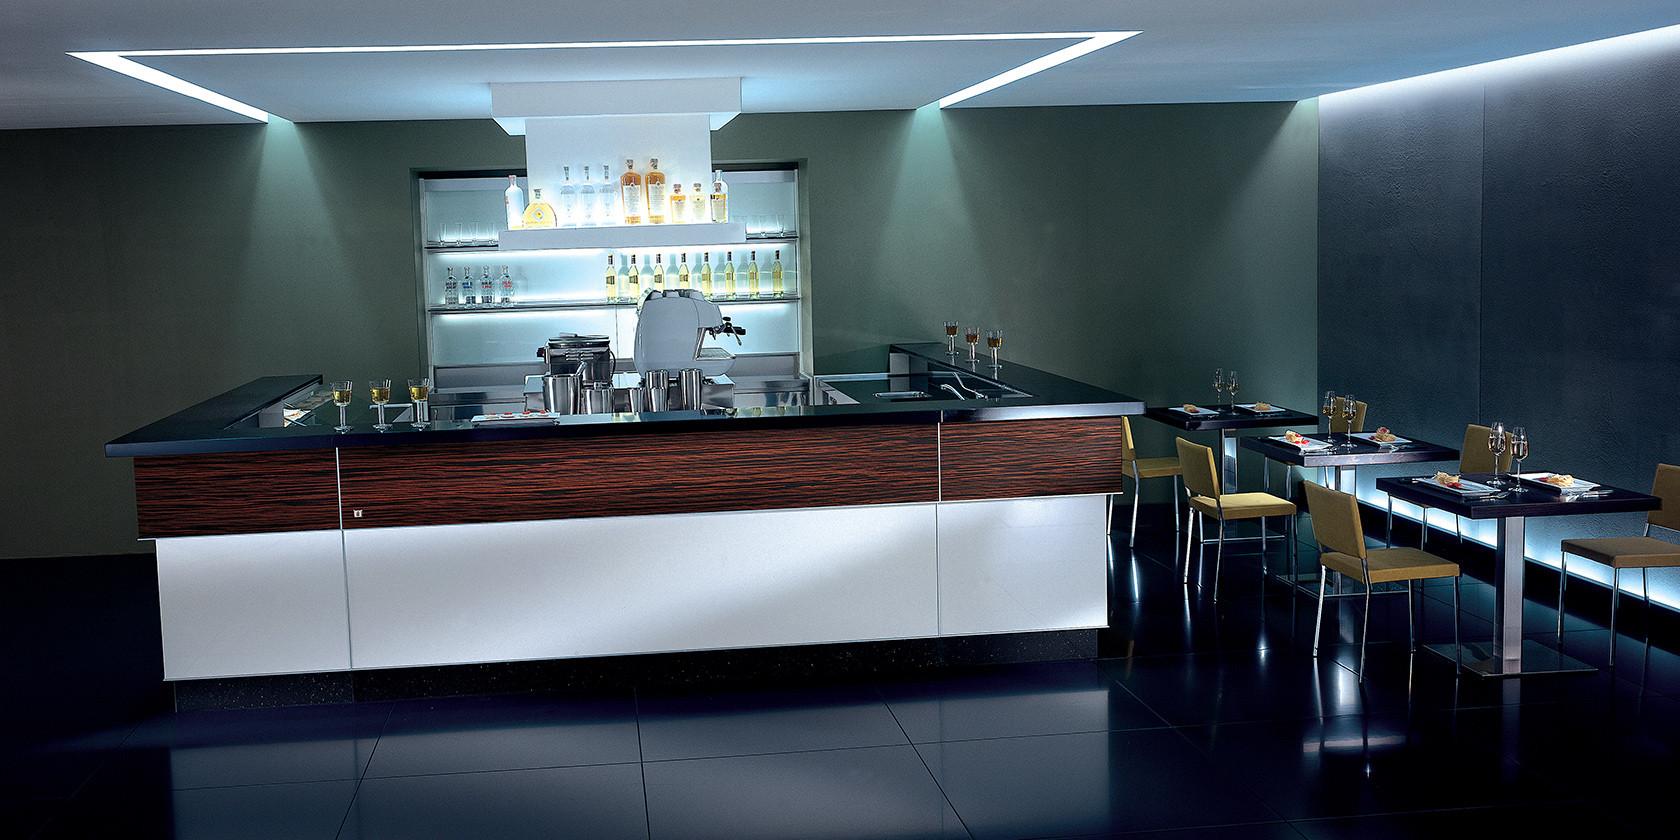 Banco bar metropolis moderno unico e personale dbanchibar for Banco bar moderno